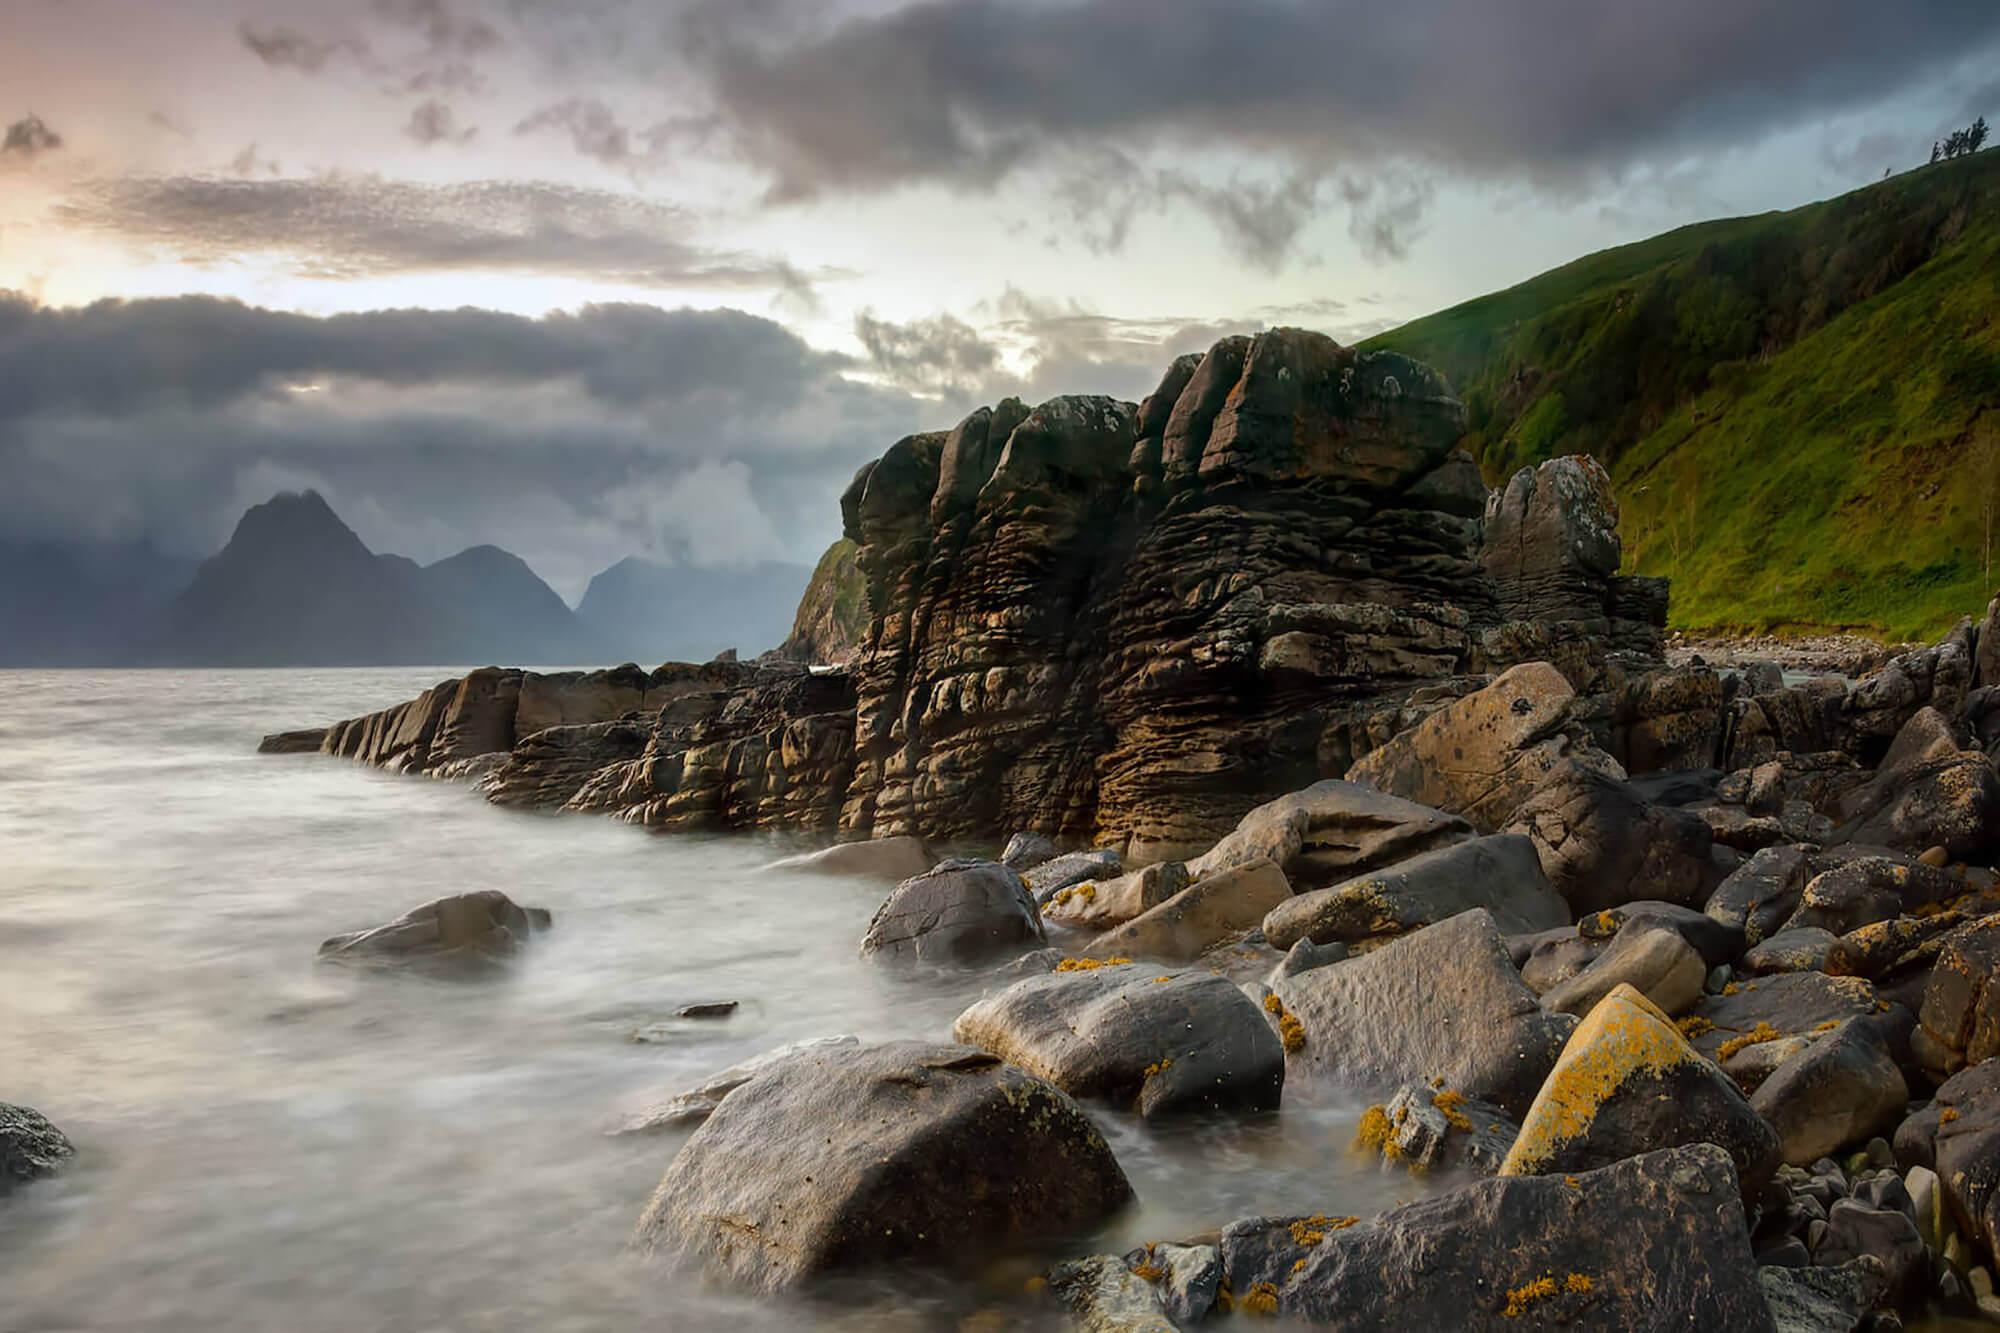 a rocky coastline